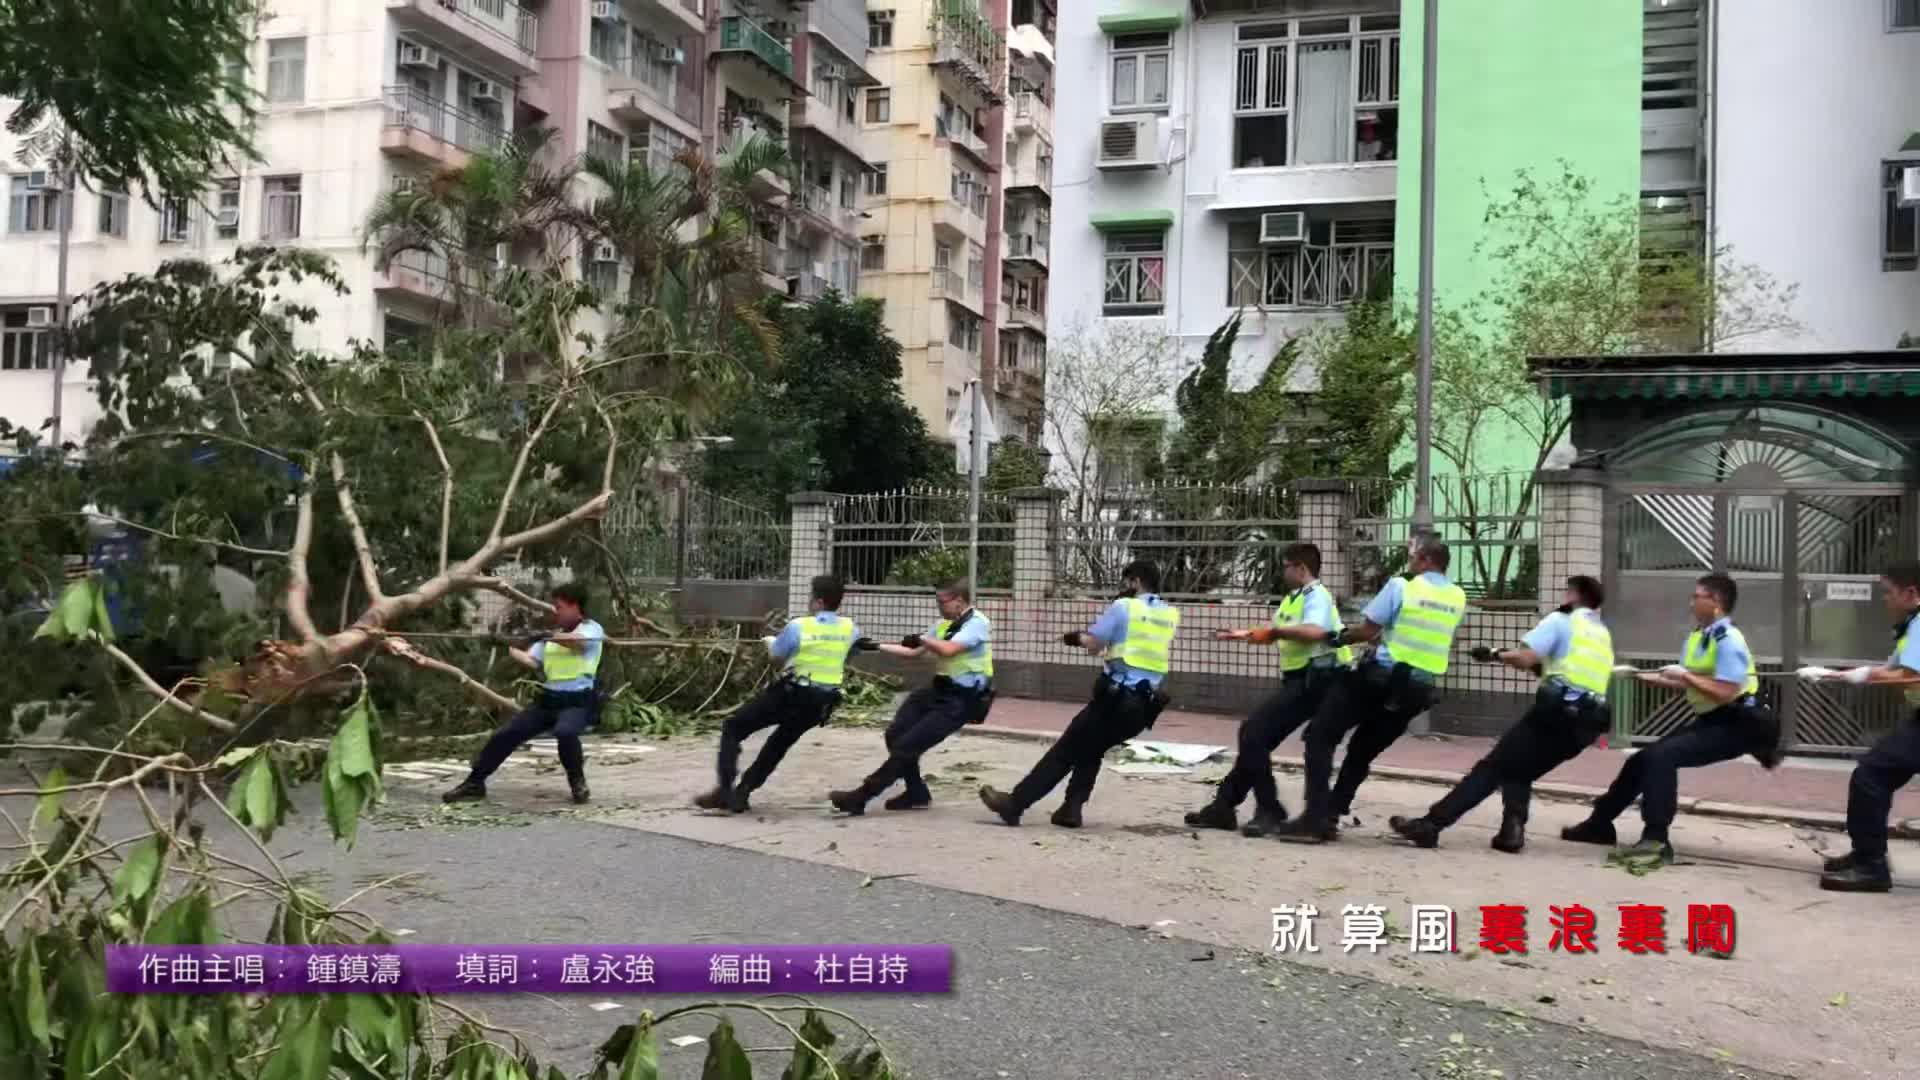 【香港警隊主題曲】